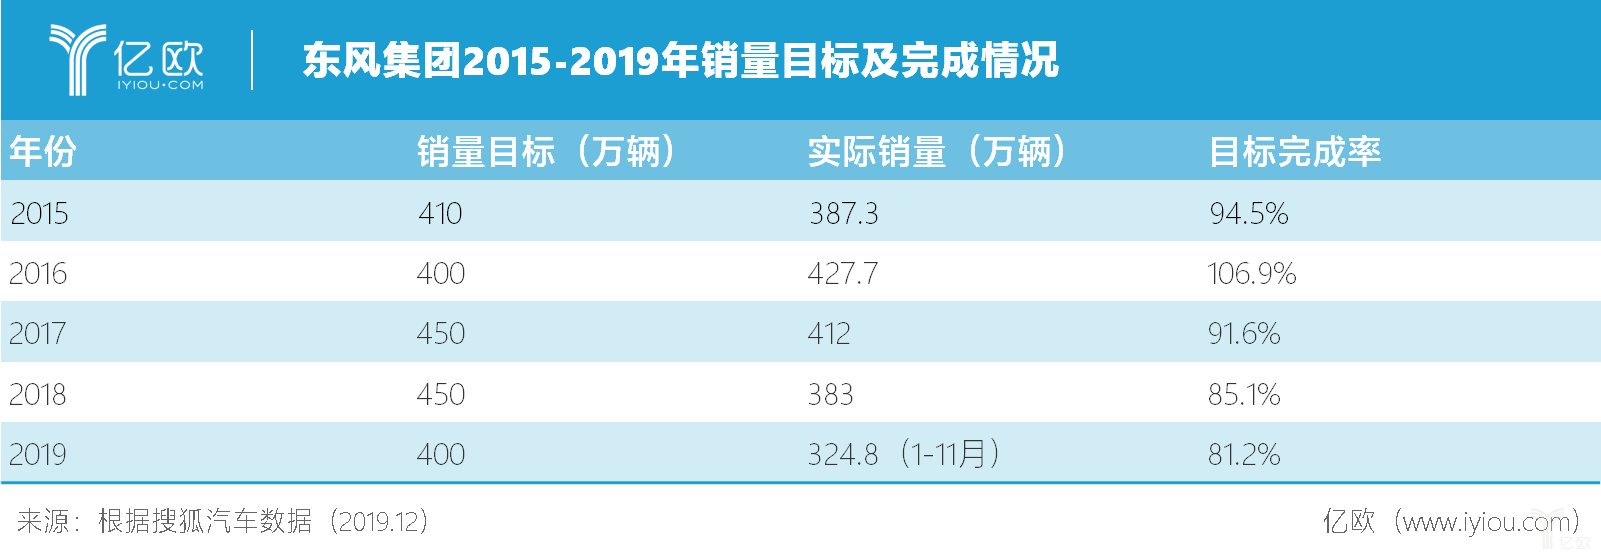 东风集团2015-2019年销量目标及完成情况